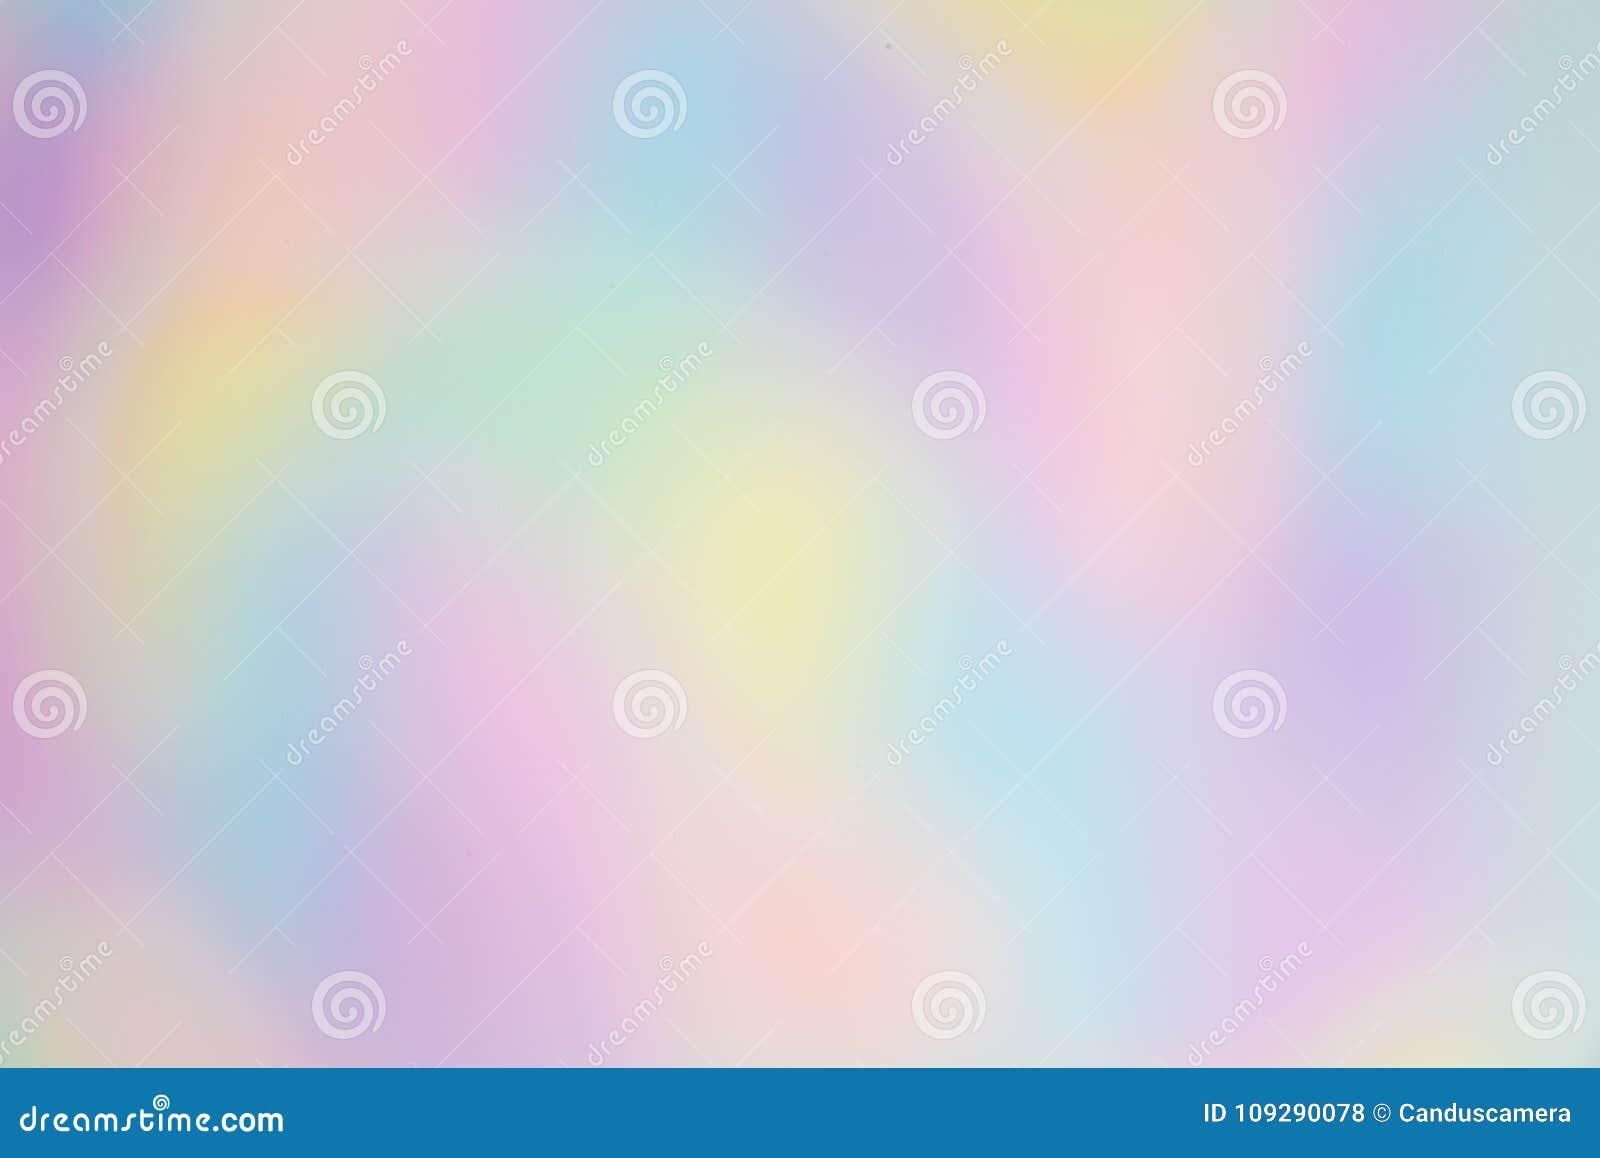 Arco Iris Borroso Y Bonito O Fondo Coloreado Multi Con Formas ...